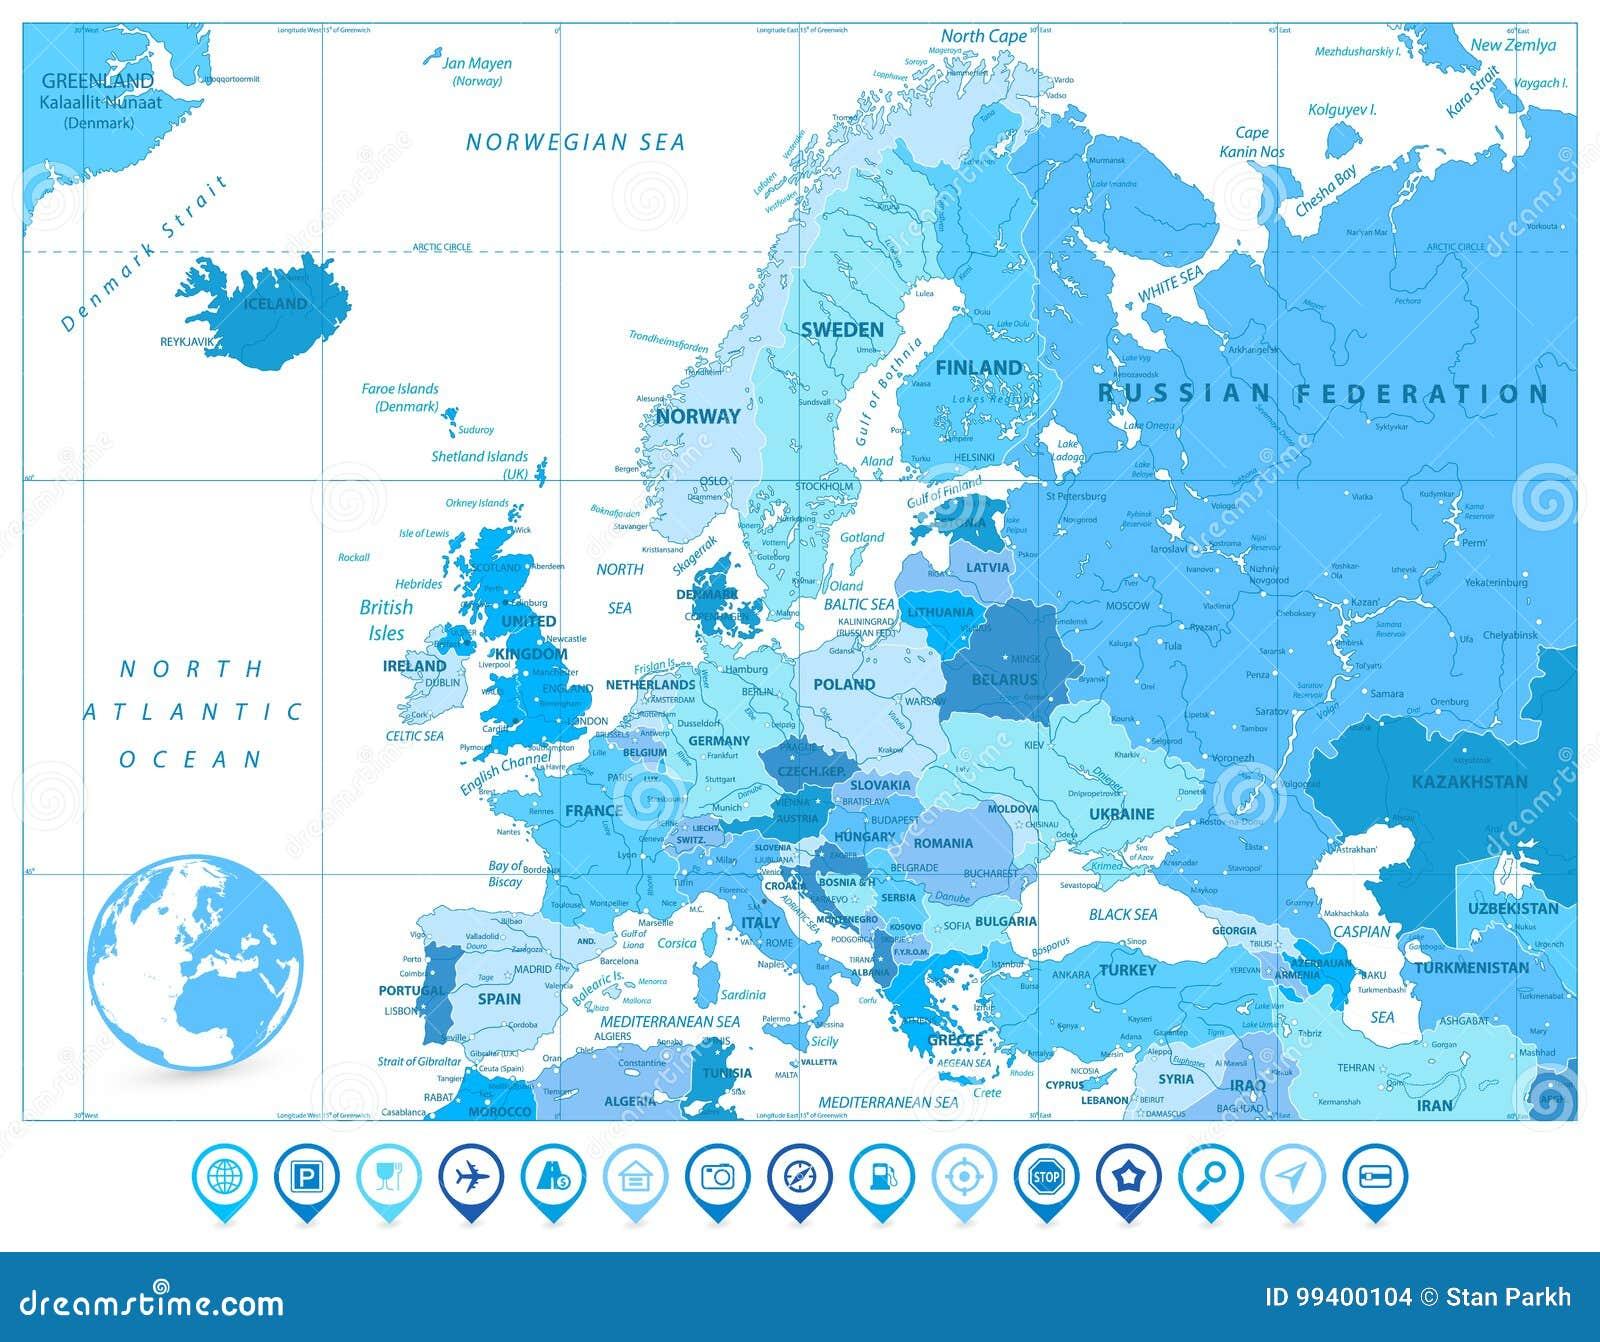 Europakarte Nordeuropa Karte.Europa Karte In Den Farben Von Blau Und Karten Markierungen Vektor